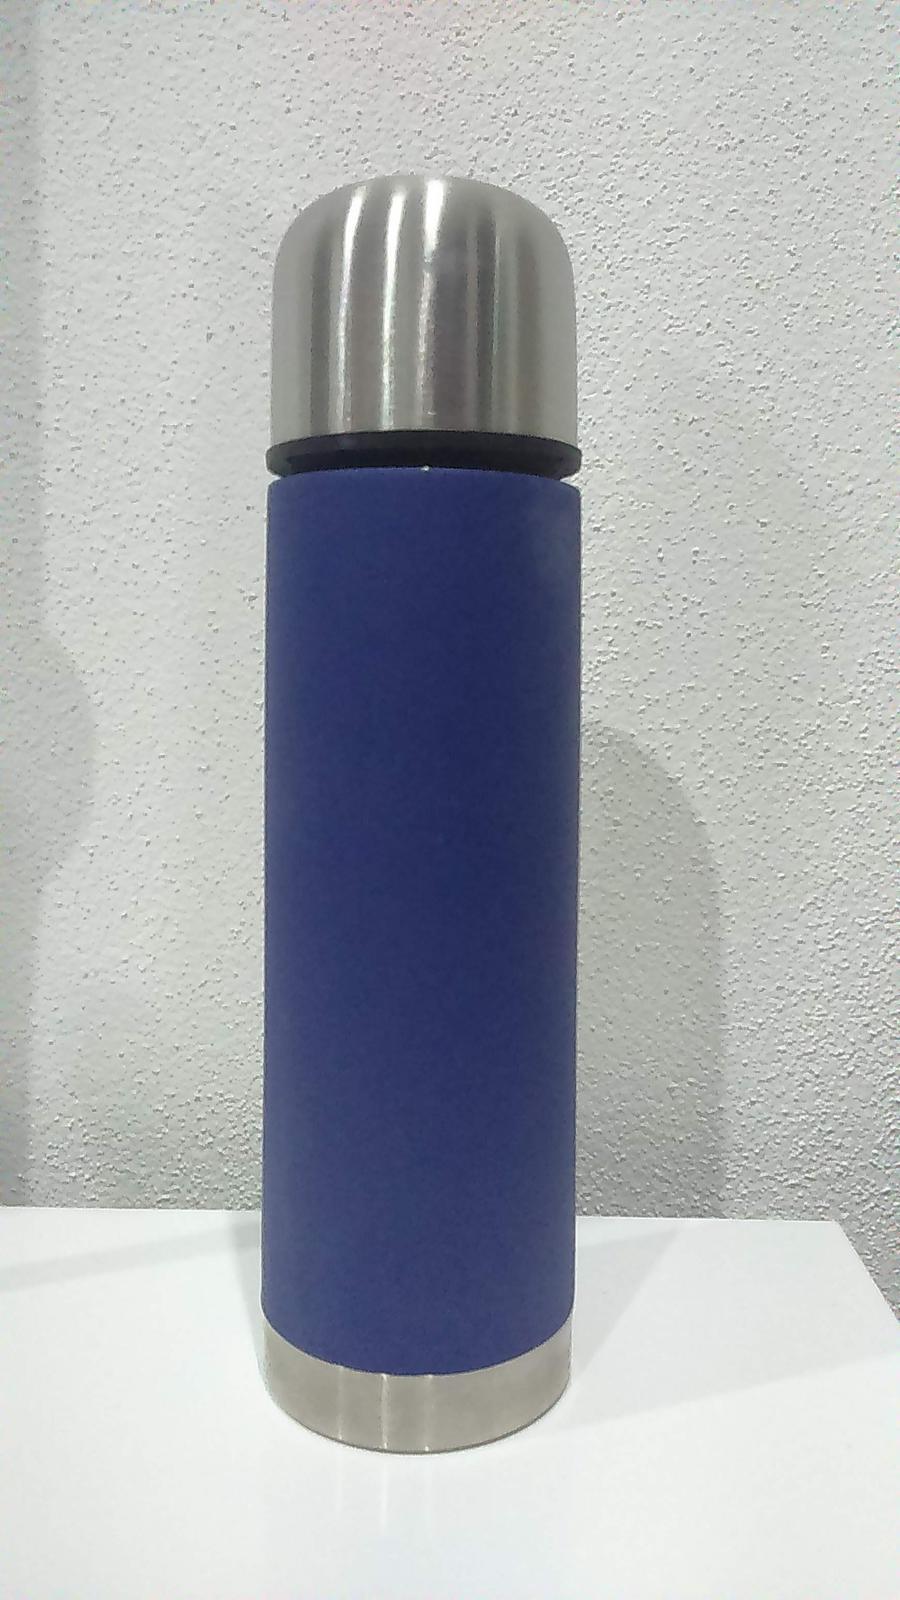 termosky - Obrázok č. 1